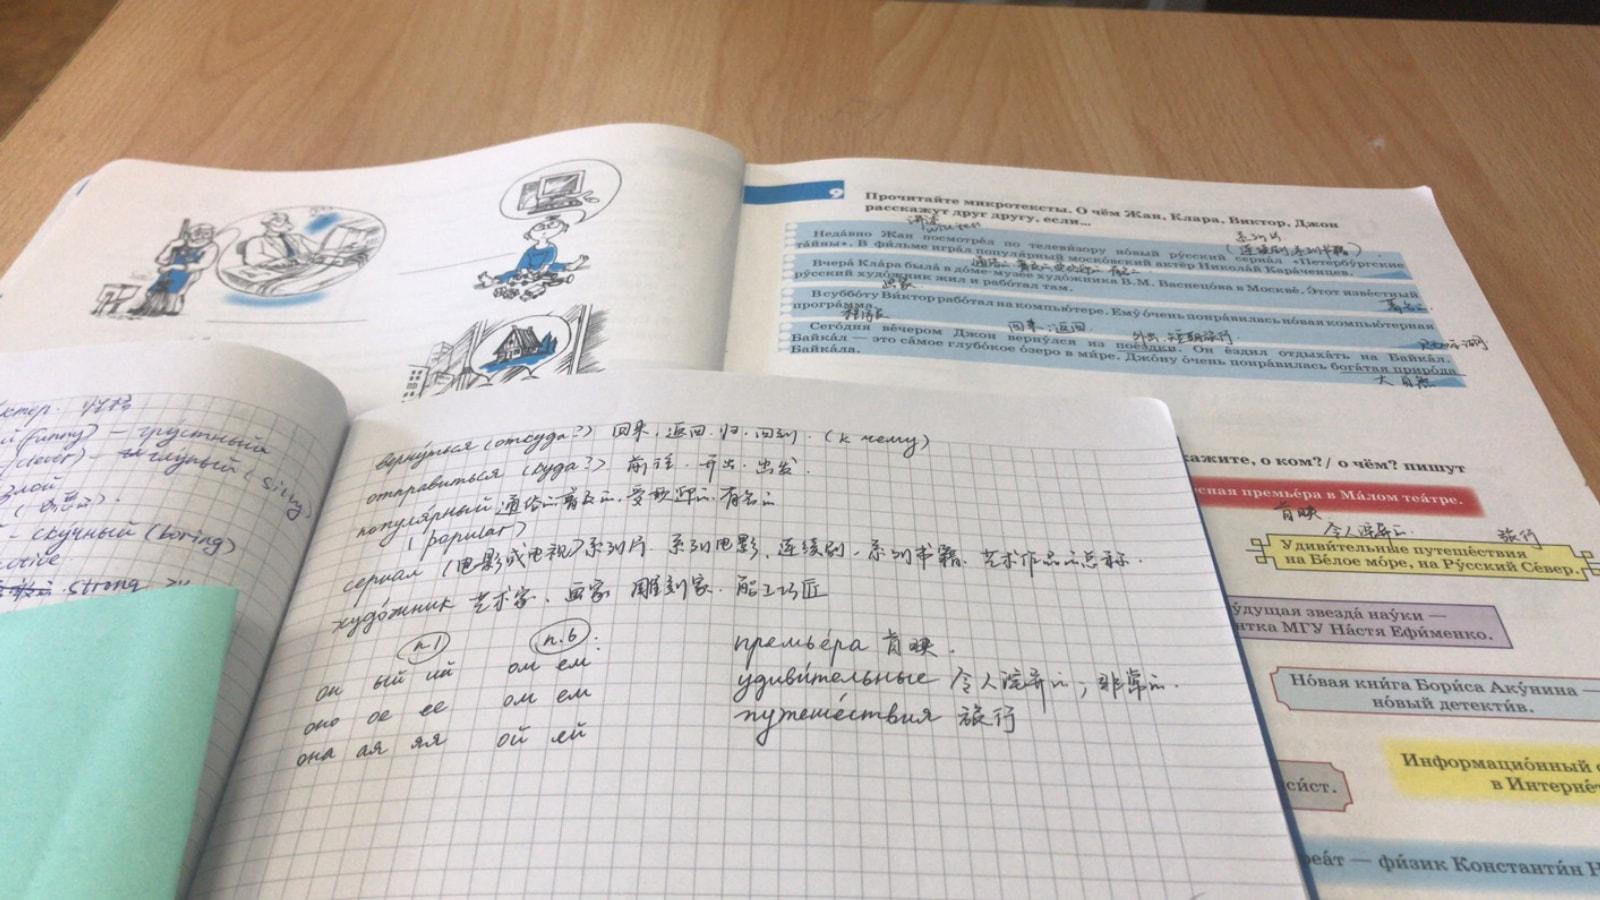 2019年来乌拉尔联邦大学就读预科的孩子们的课堂笔记|俄罗斯留学预科|俄罗斯大学预科学习